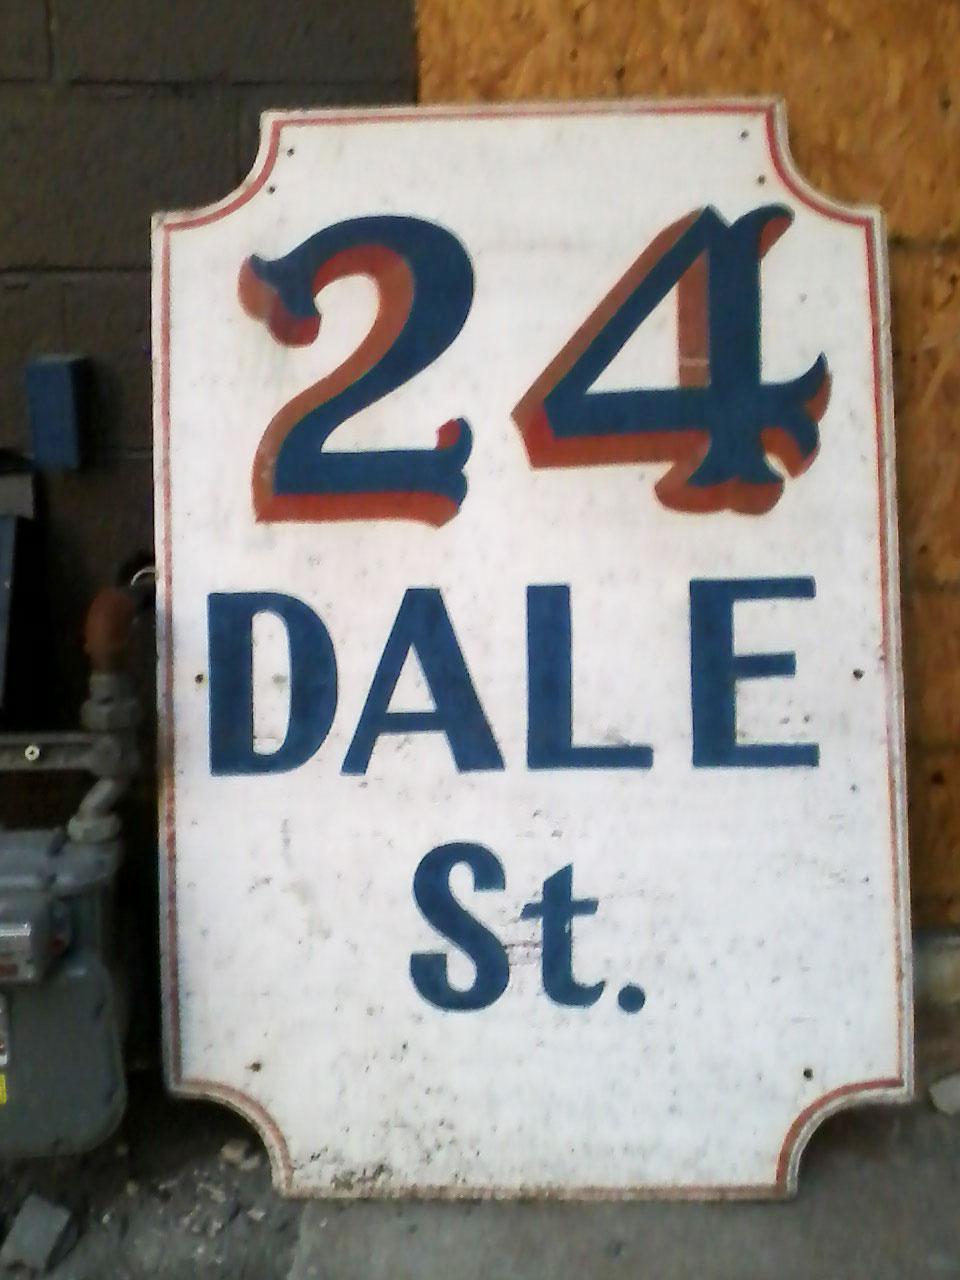 24 Dale